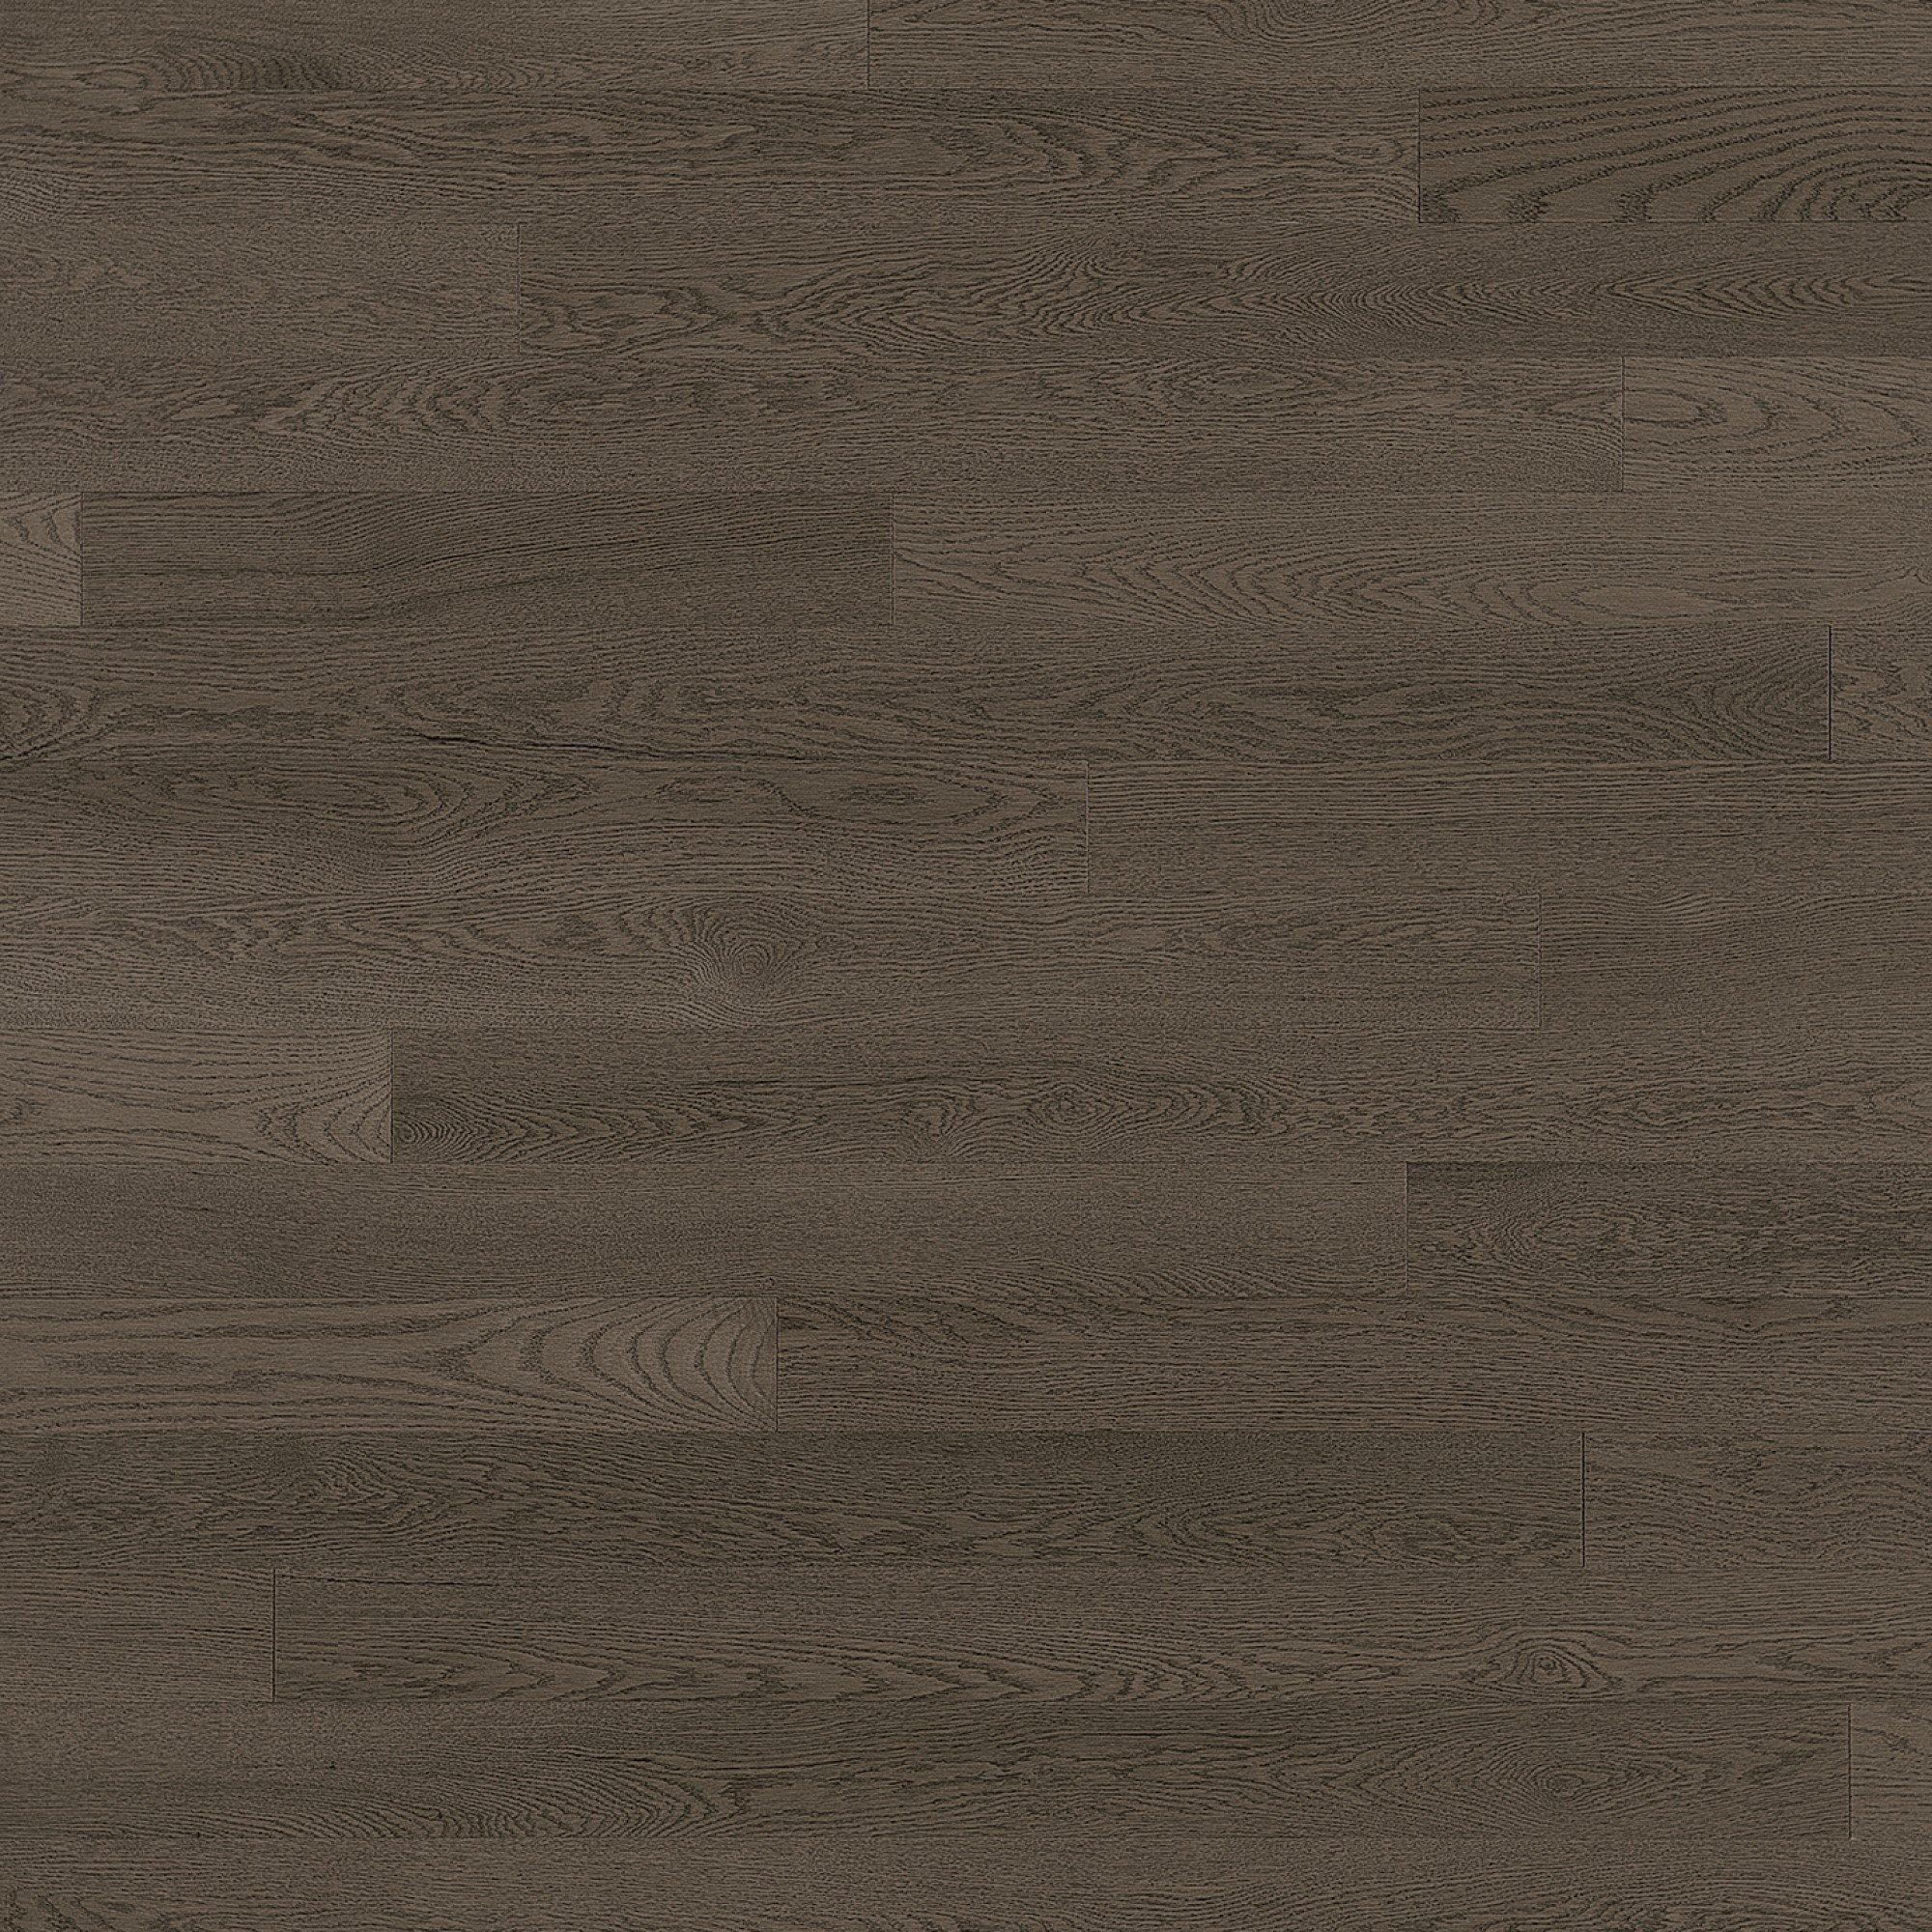 Herringbone Platinum: Herringbone, Red Oak Platinum Exclusive Smooth